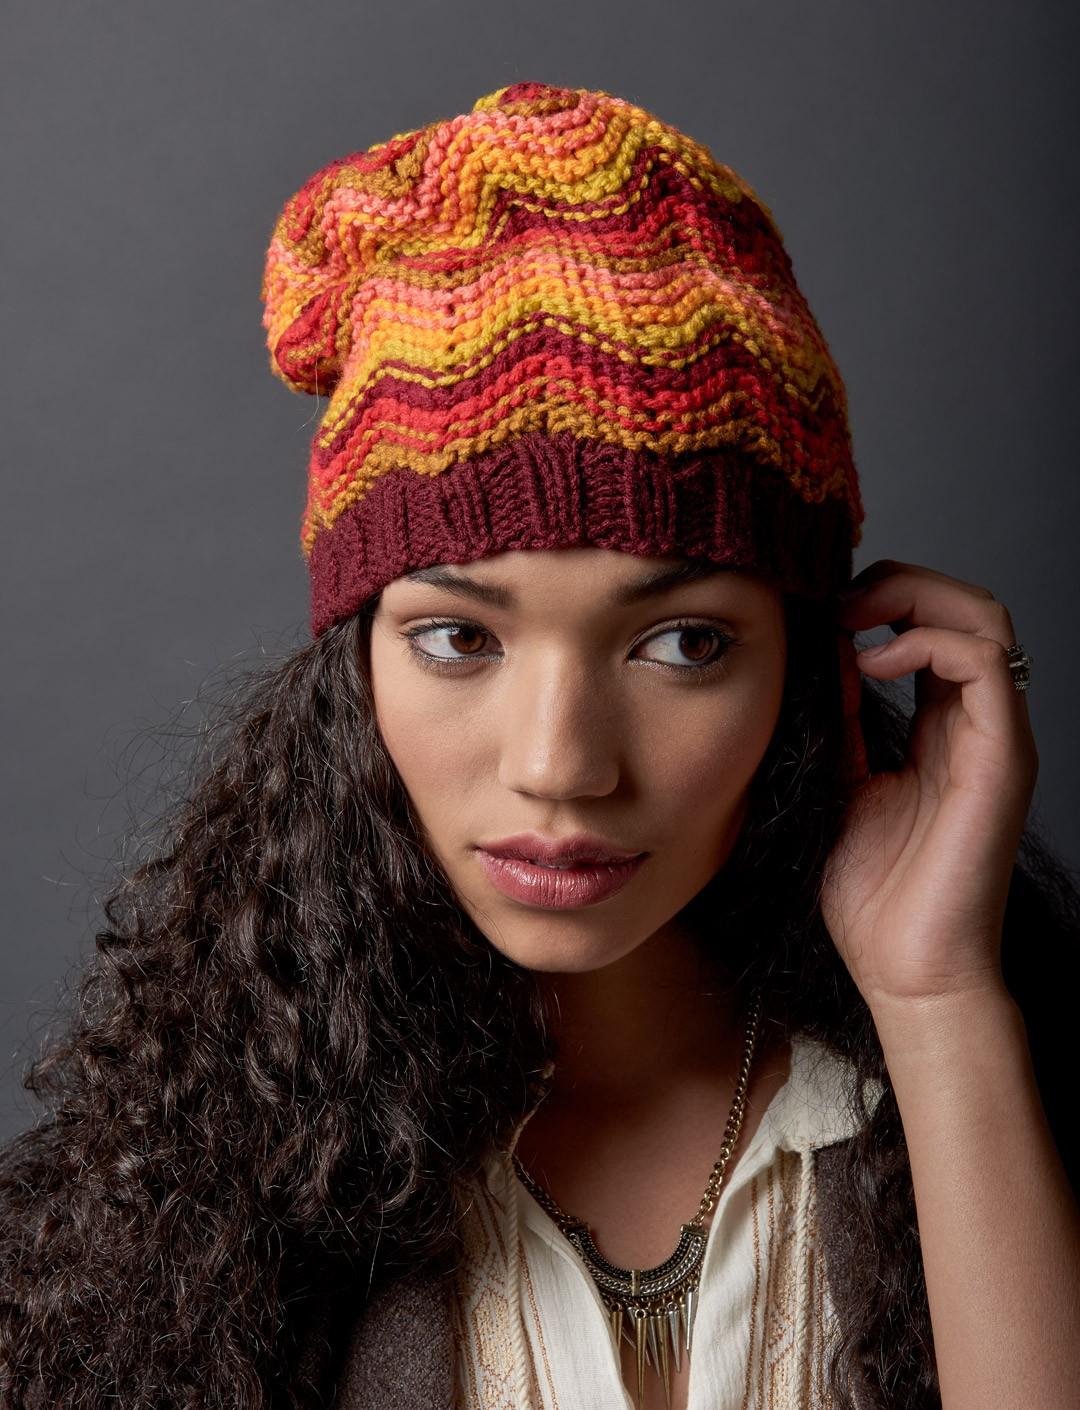 Make Waves Hat - Free Hat Knitting Pattern ⋆ Knitting Bee